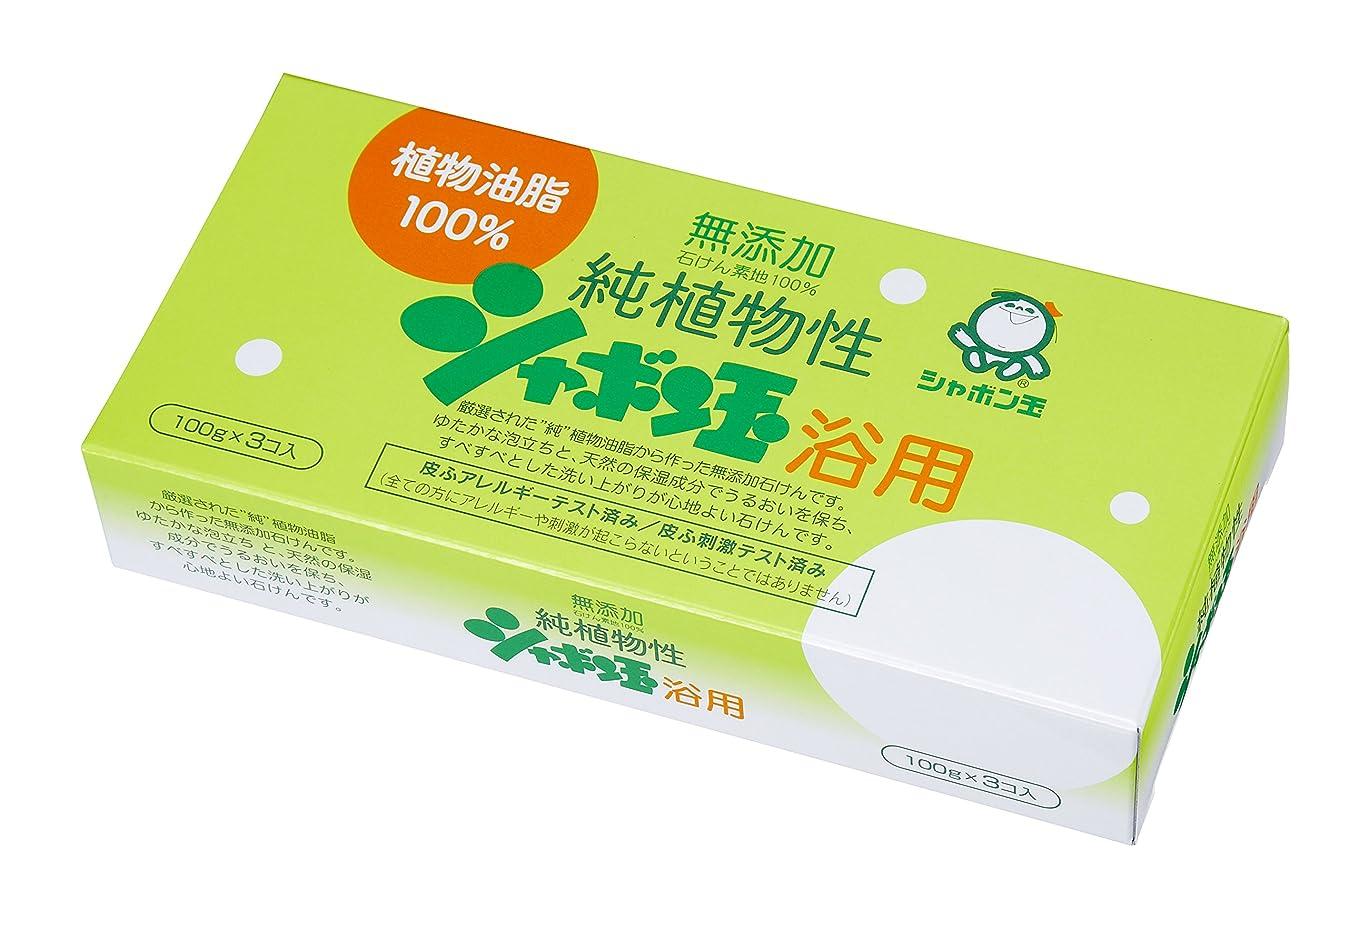 ハイジャック中級匹敵しますシャボン玉 無添加せっけん 純植物性シャボン玉 浴用 100g×3個入り